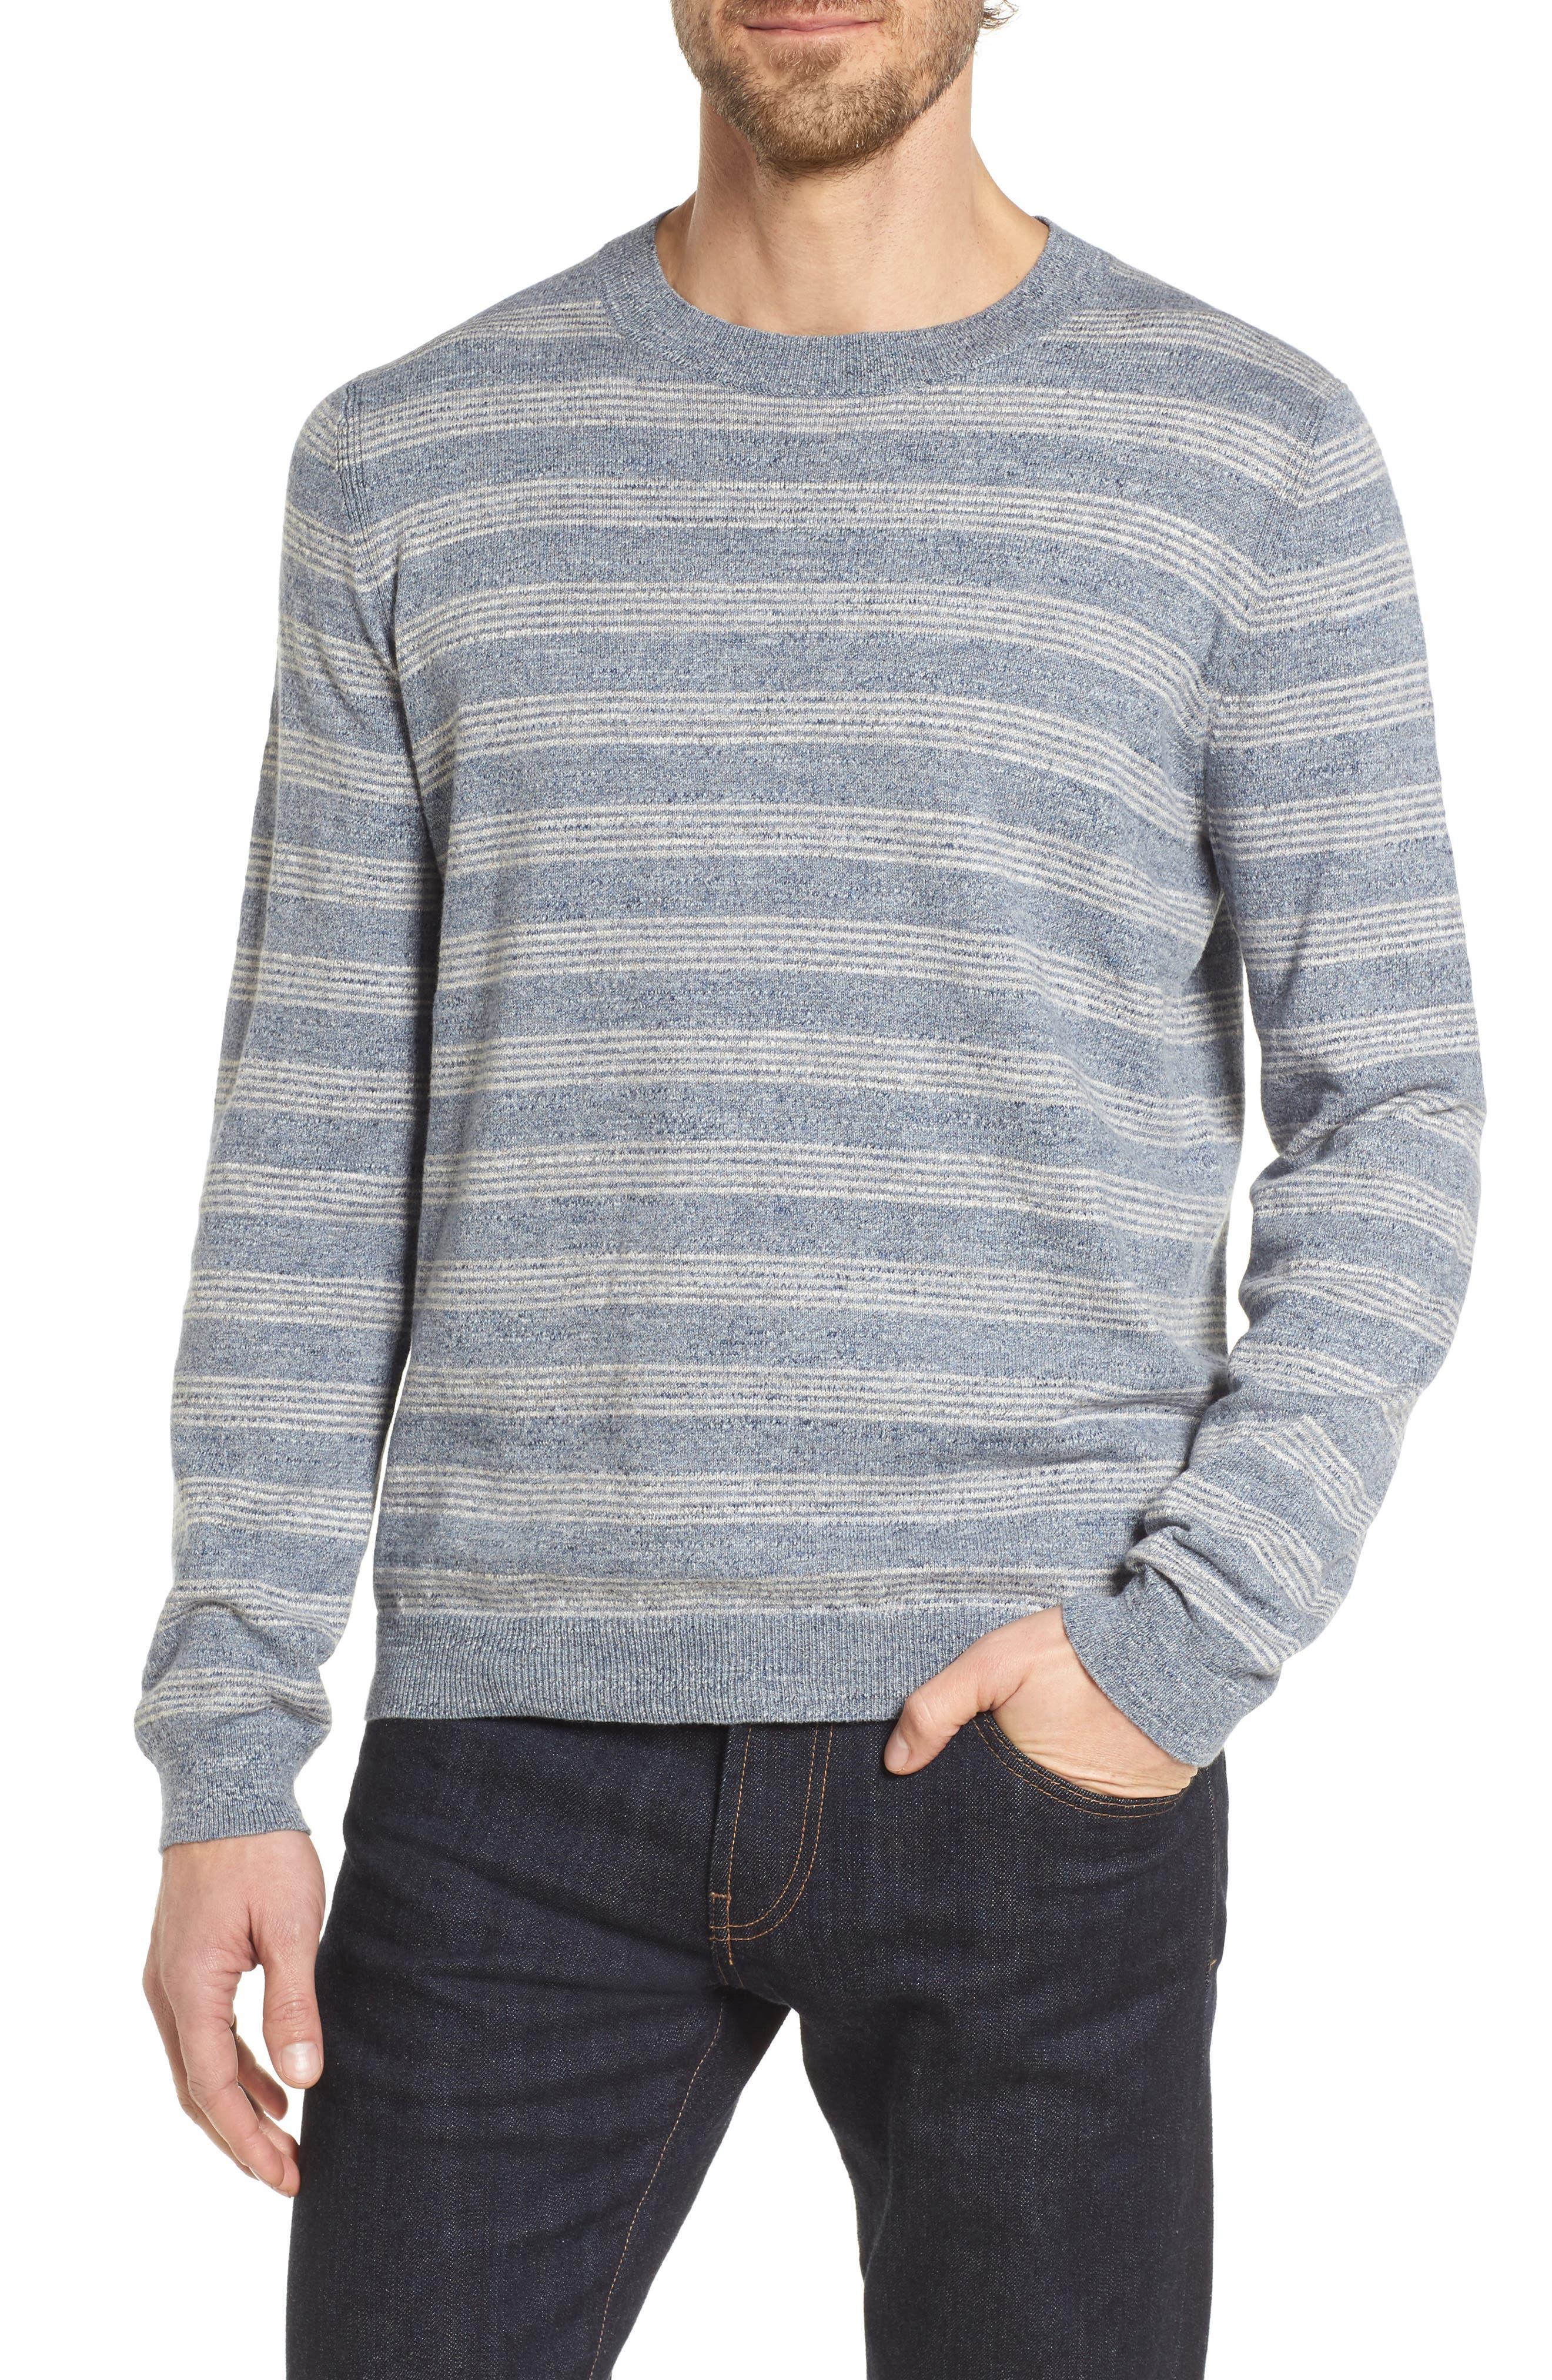 Stripe Cotton Sweater,                         Main,                         color, Blue Grey Heather Stripe